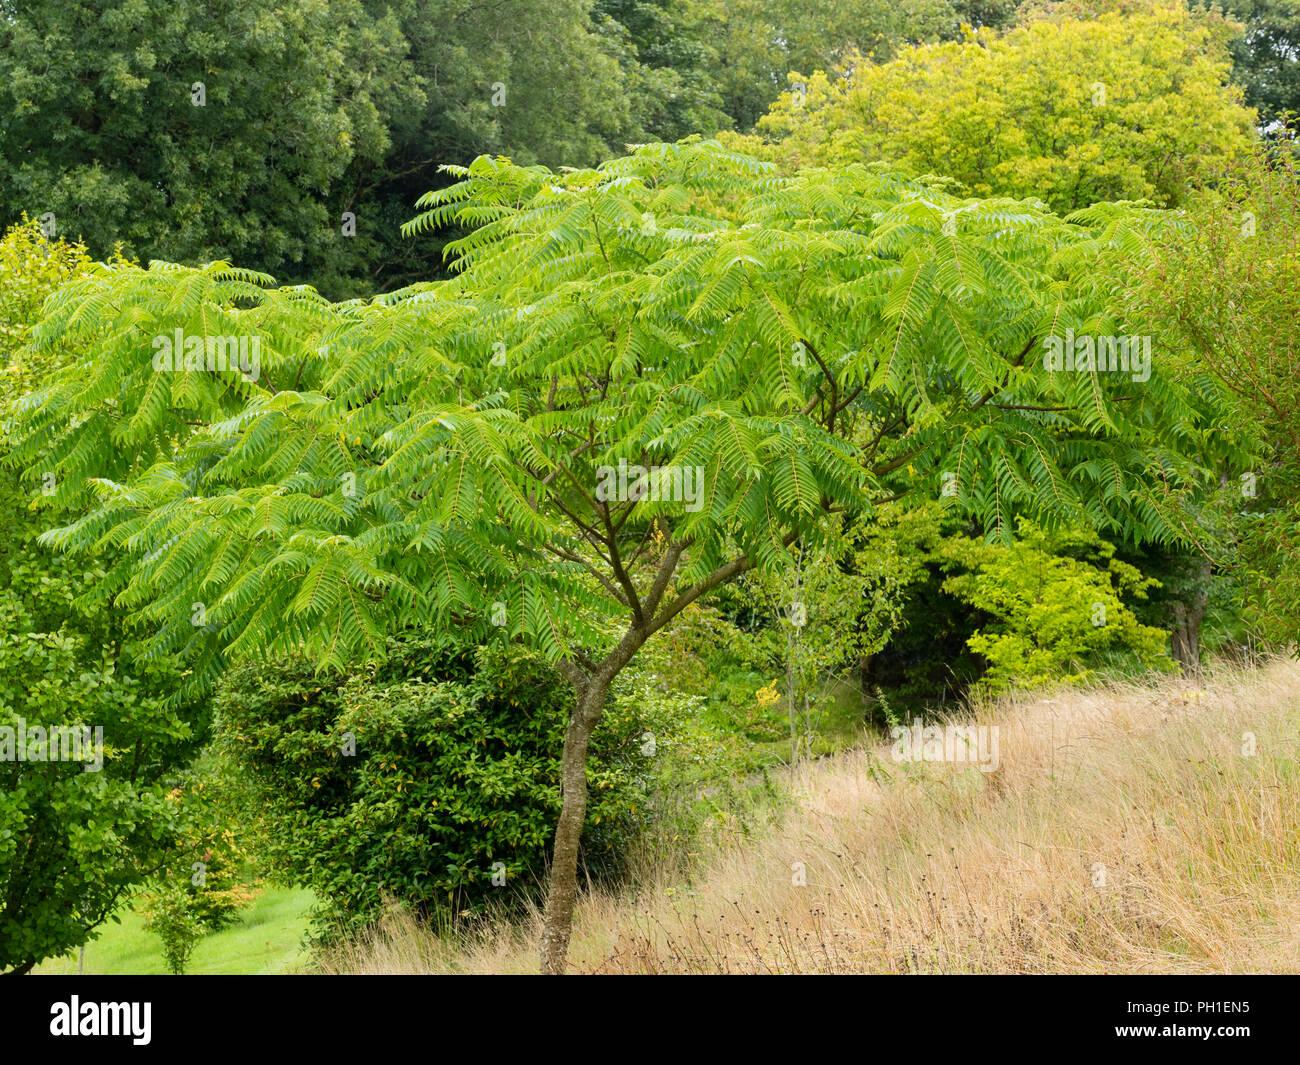 Gefiedert Laub und Verbreitung Gewohnheit der Winterharte stachelige Esche Zanthoxylum ailanthoides Stockbild